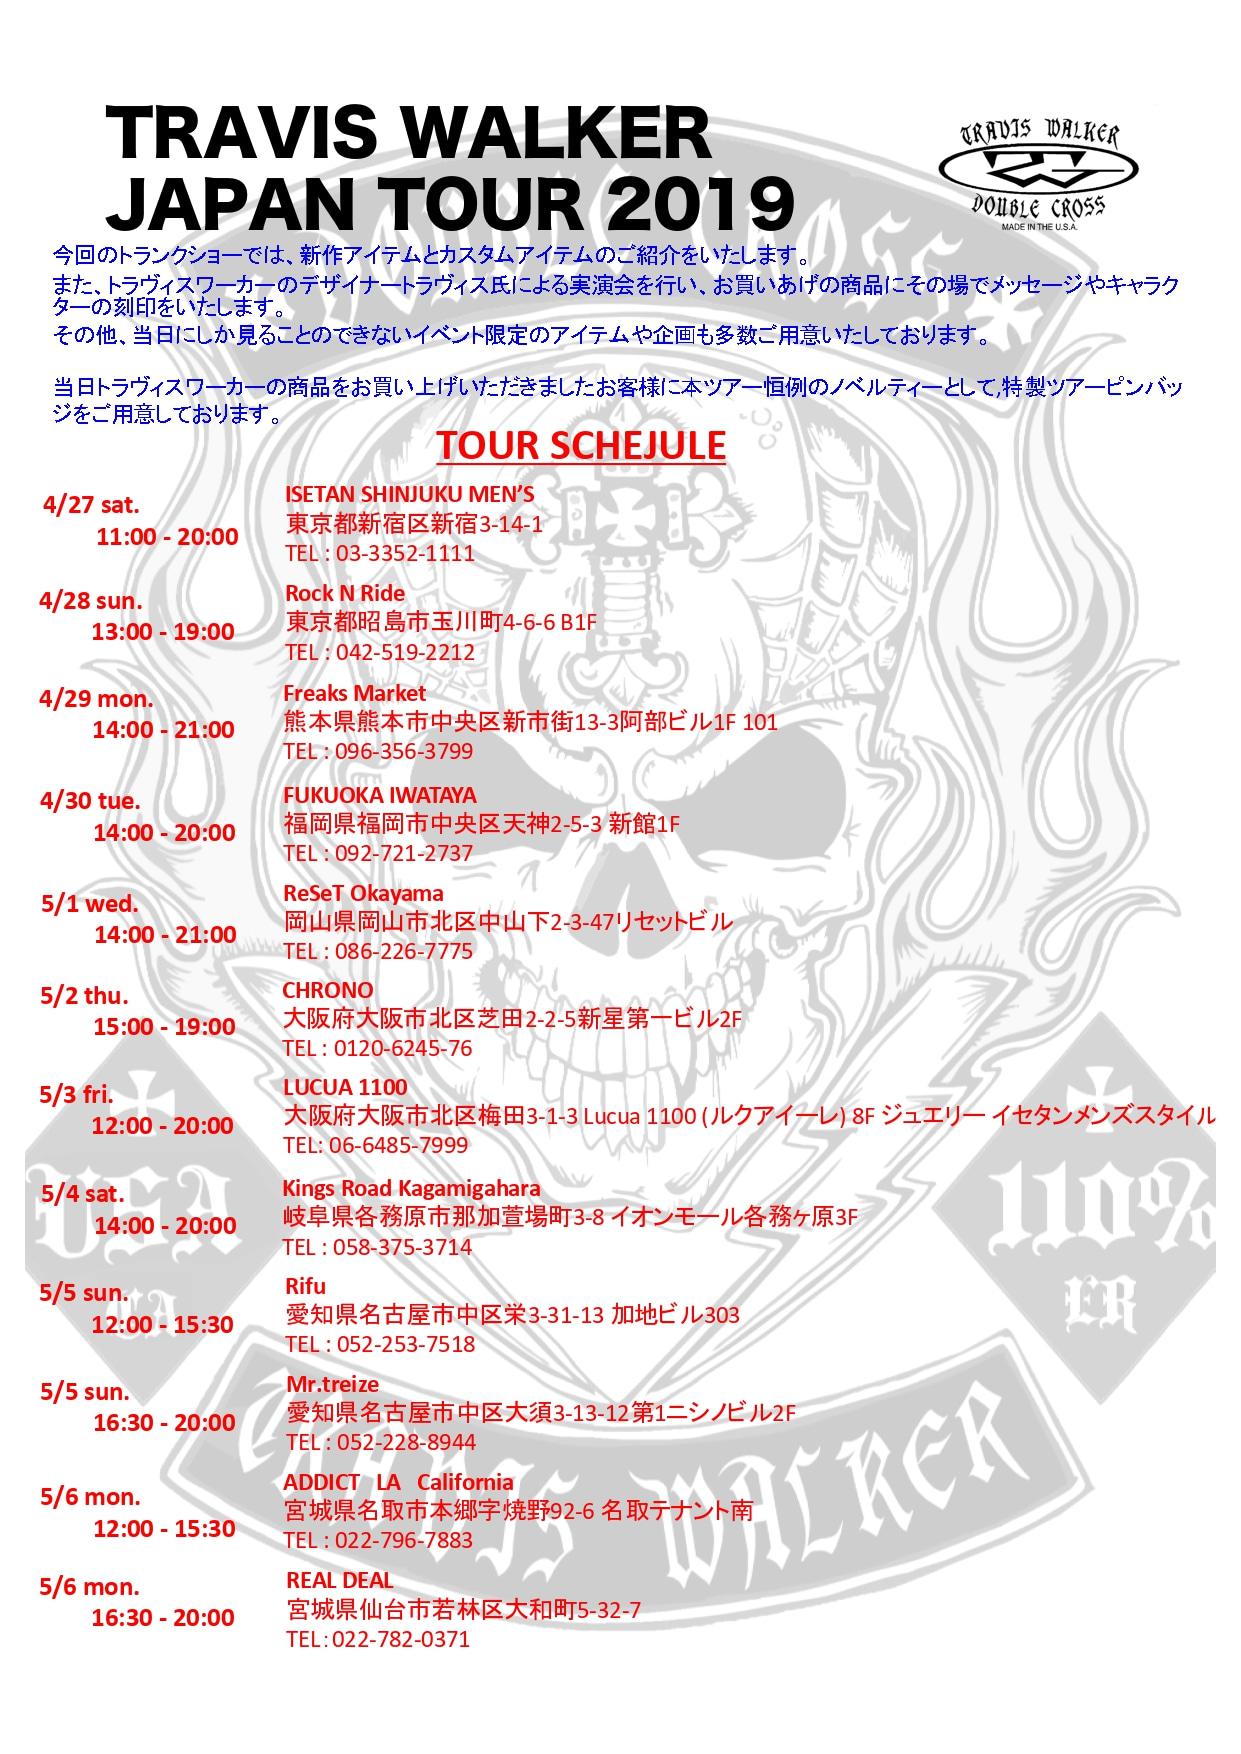 ジャパンツアー開催決定